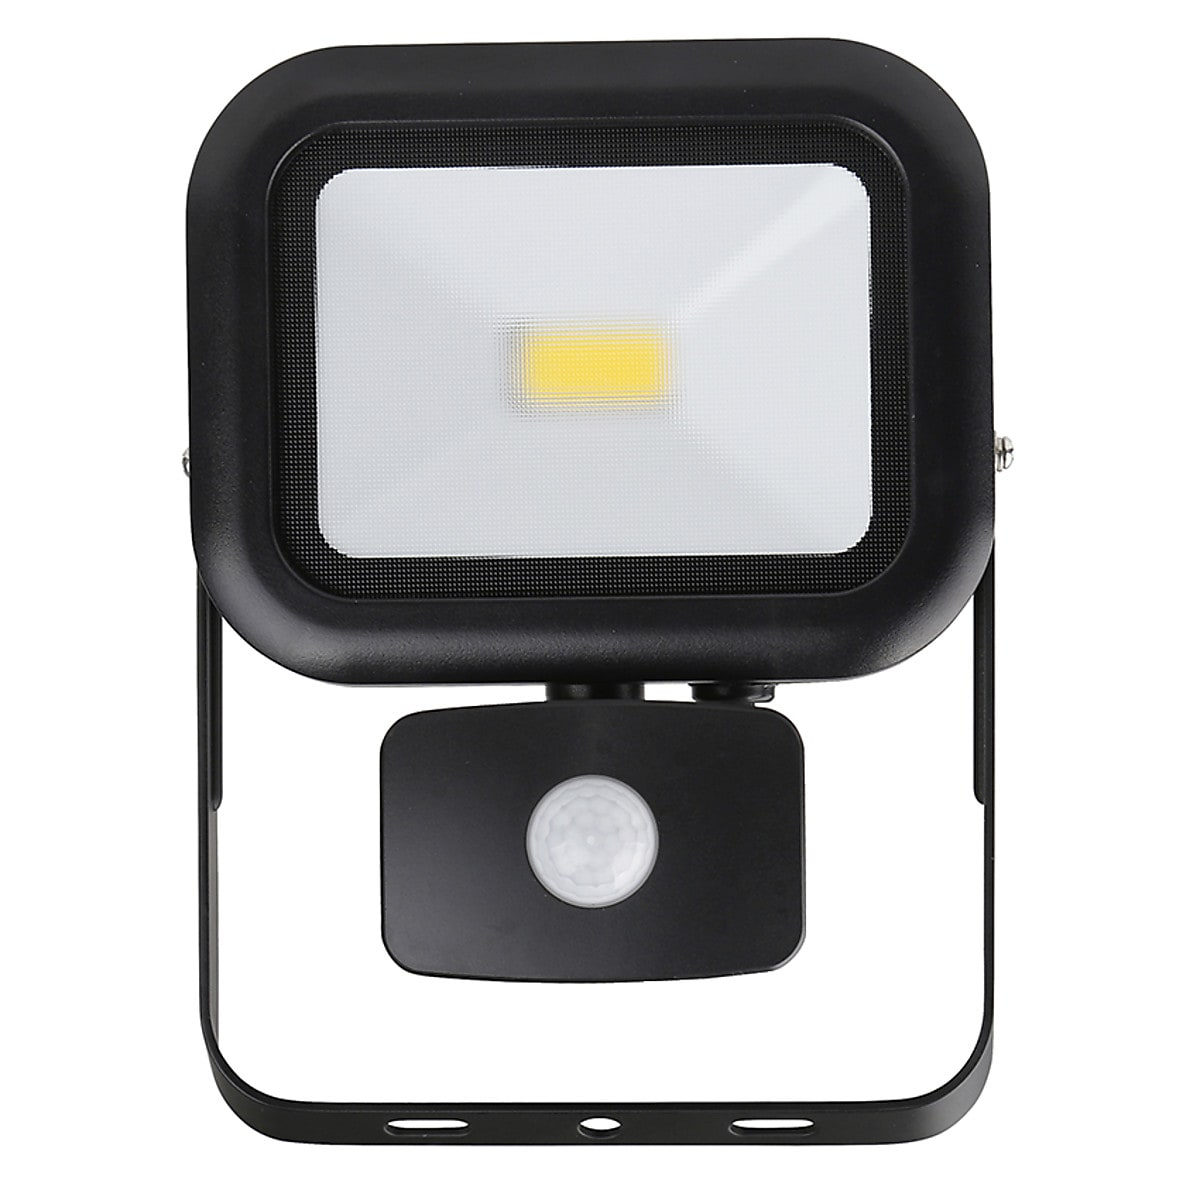 LED-strålkastare med rörelsevakt 15 W, 1200 lm